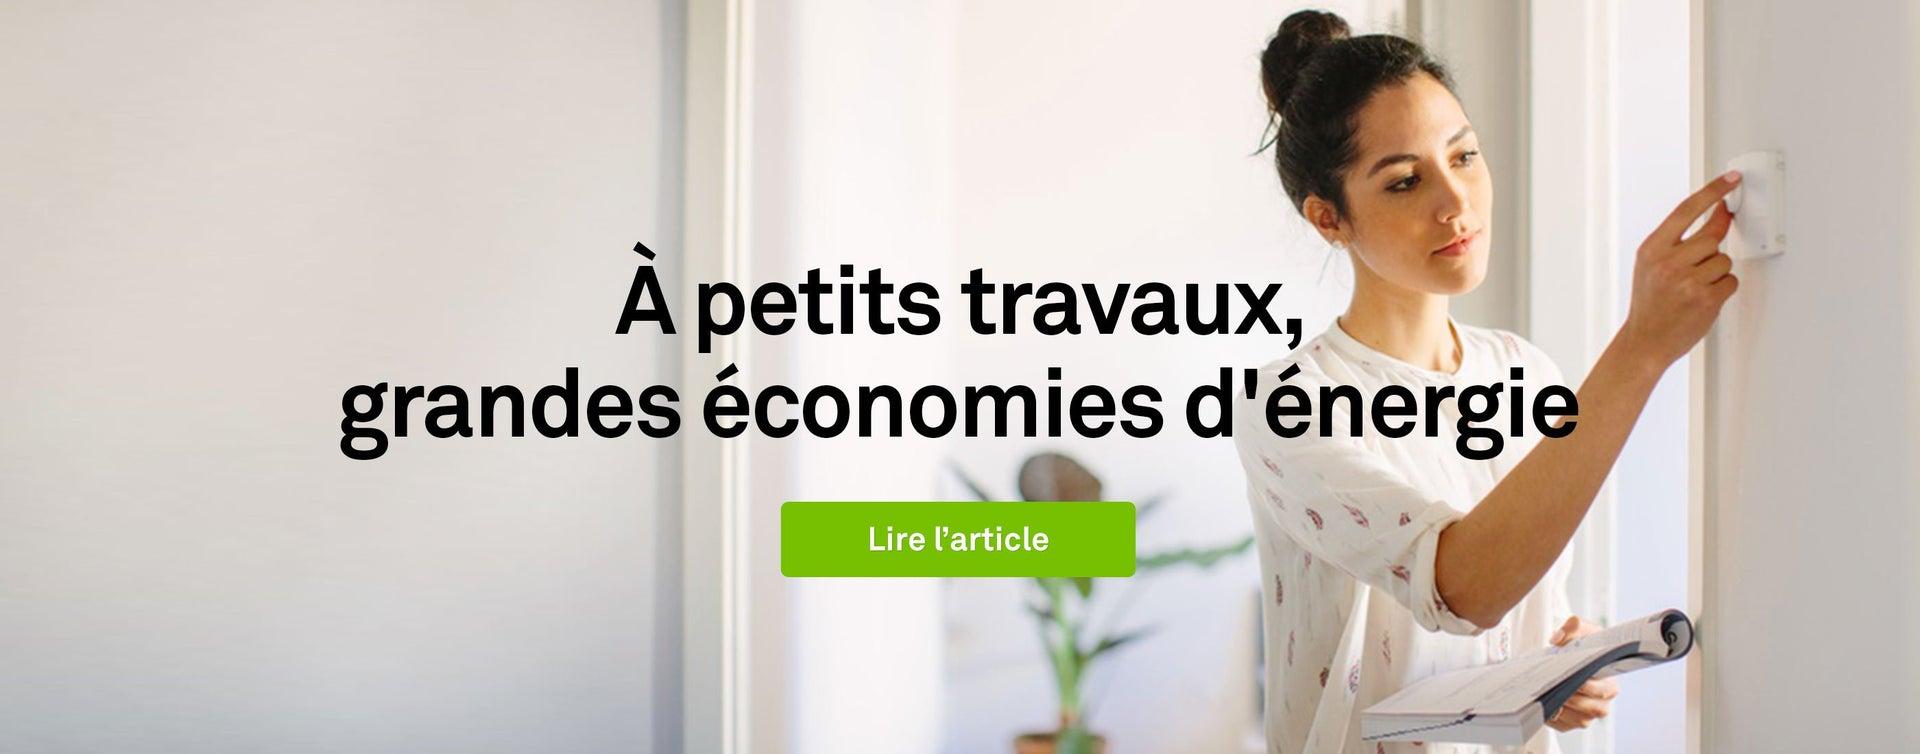 petits-travaux-economies-energie